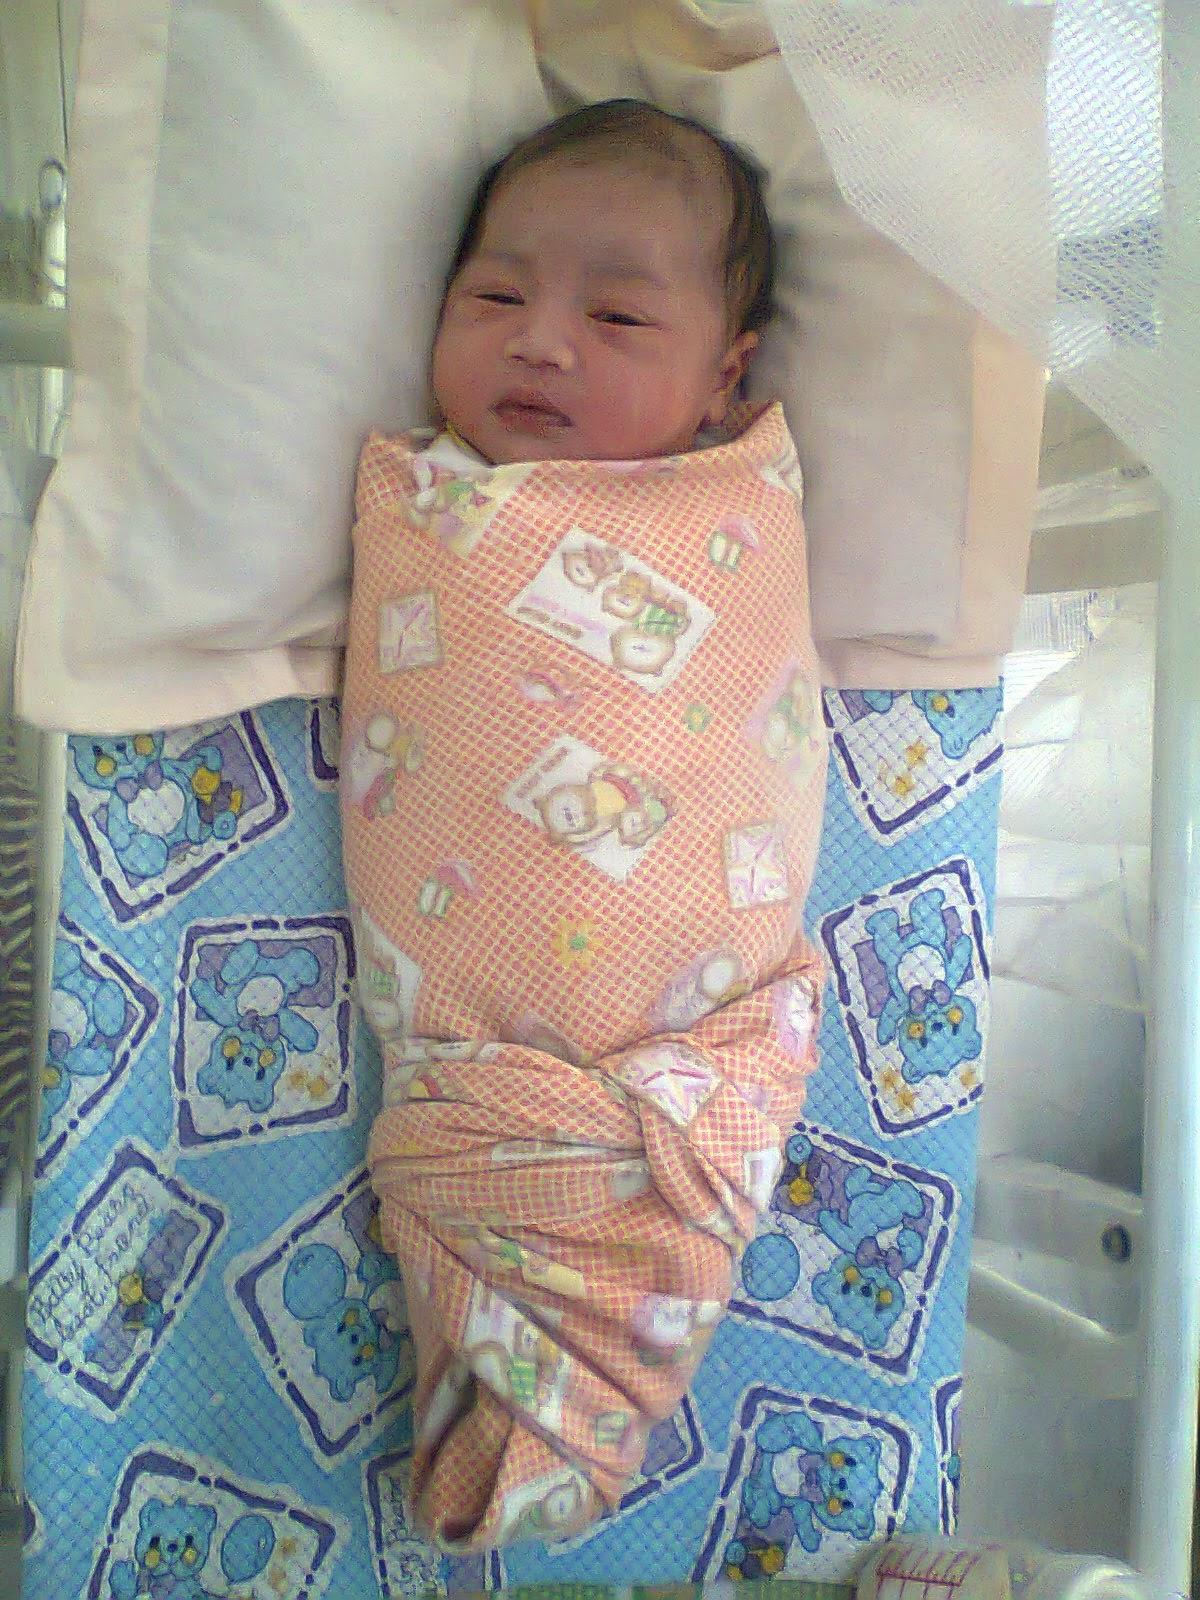 Persembahan Zwitsal untuk Bayi Baru Lahir - Cah Kesesi AyuTea